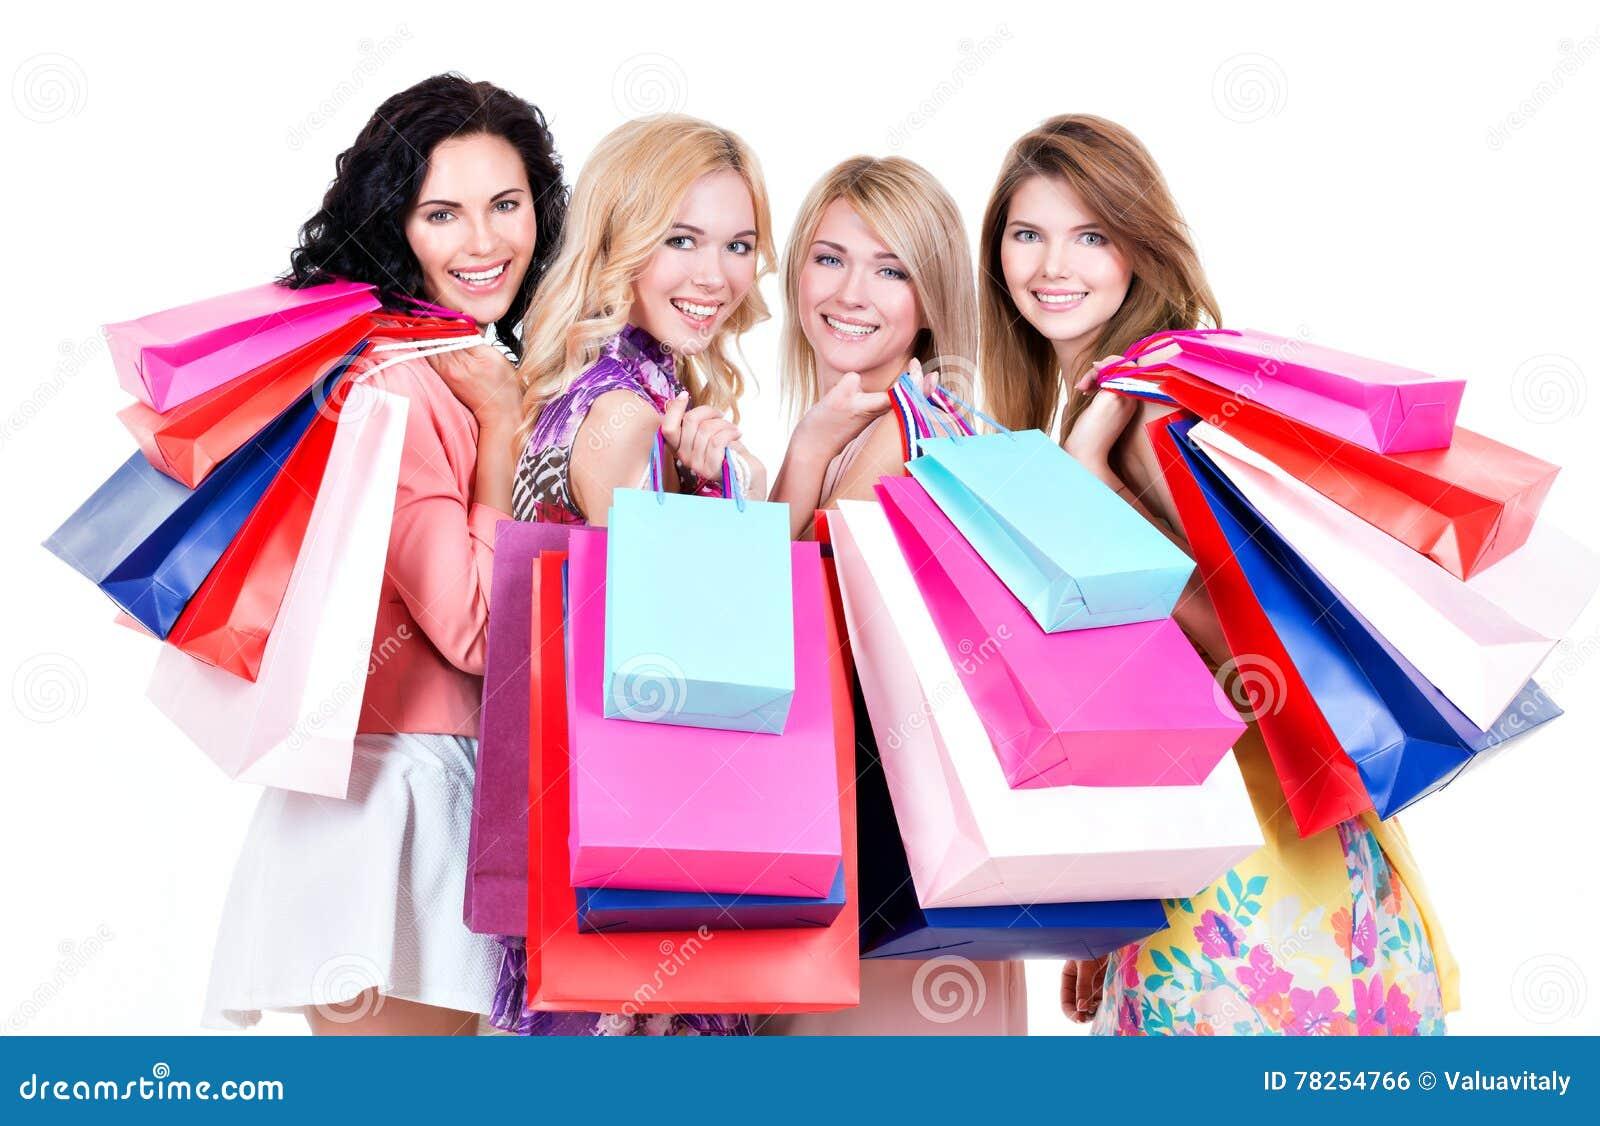 Stående av härligt lyckligt inhandla för kvinnor